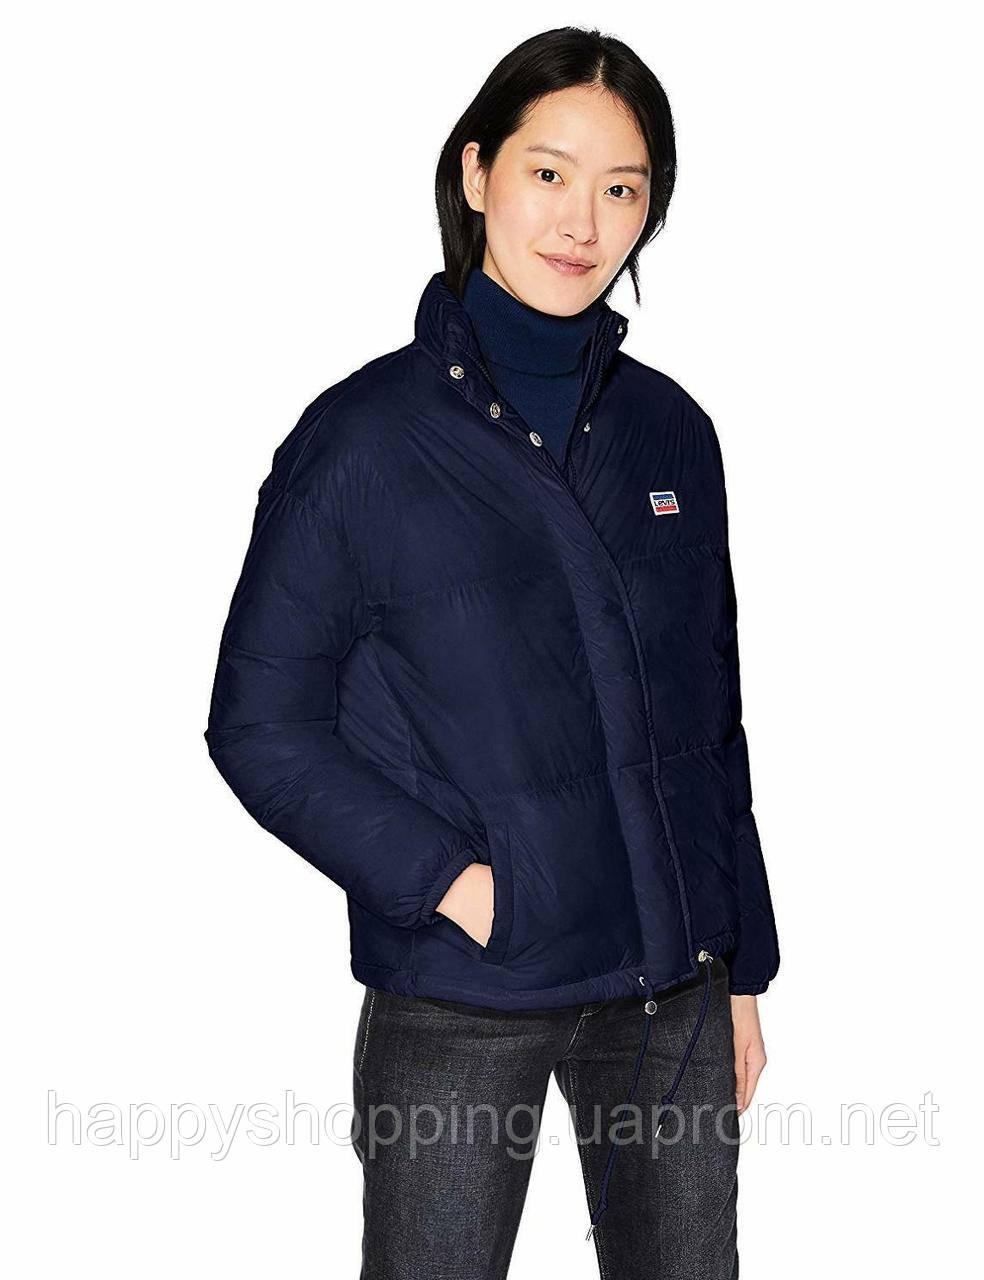 Женская синяя оригинальная куртка весна осень популярного американского бренда Levi's